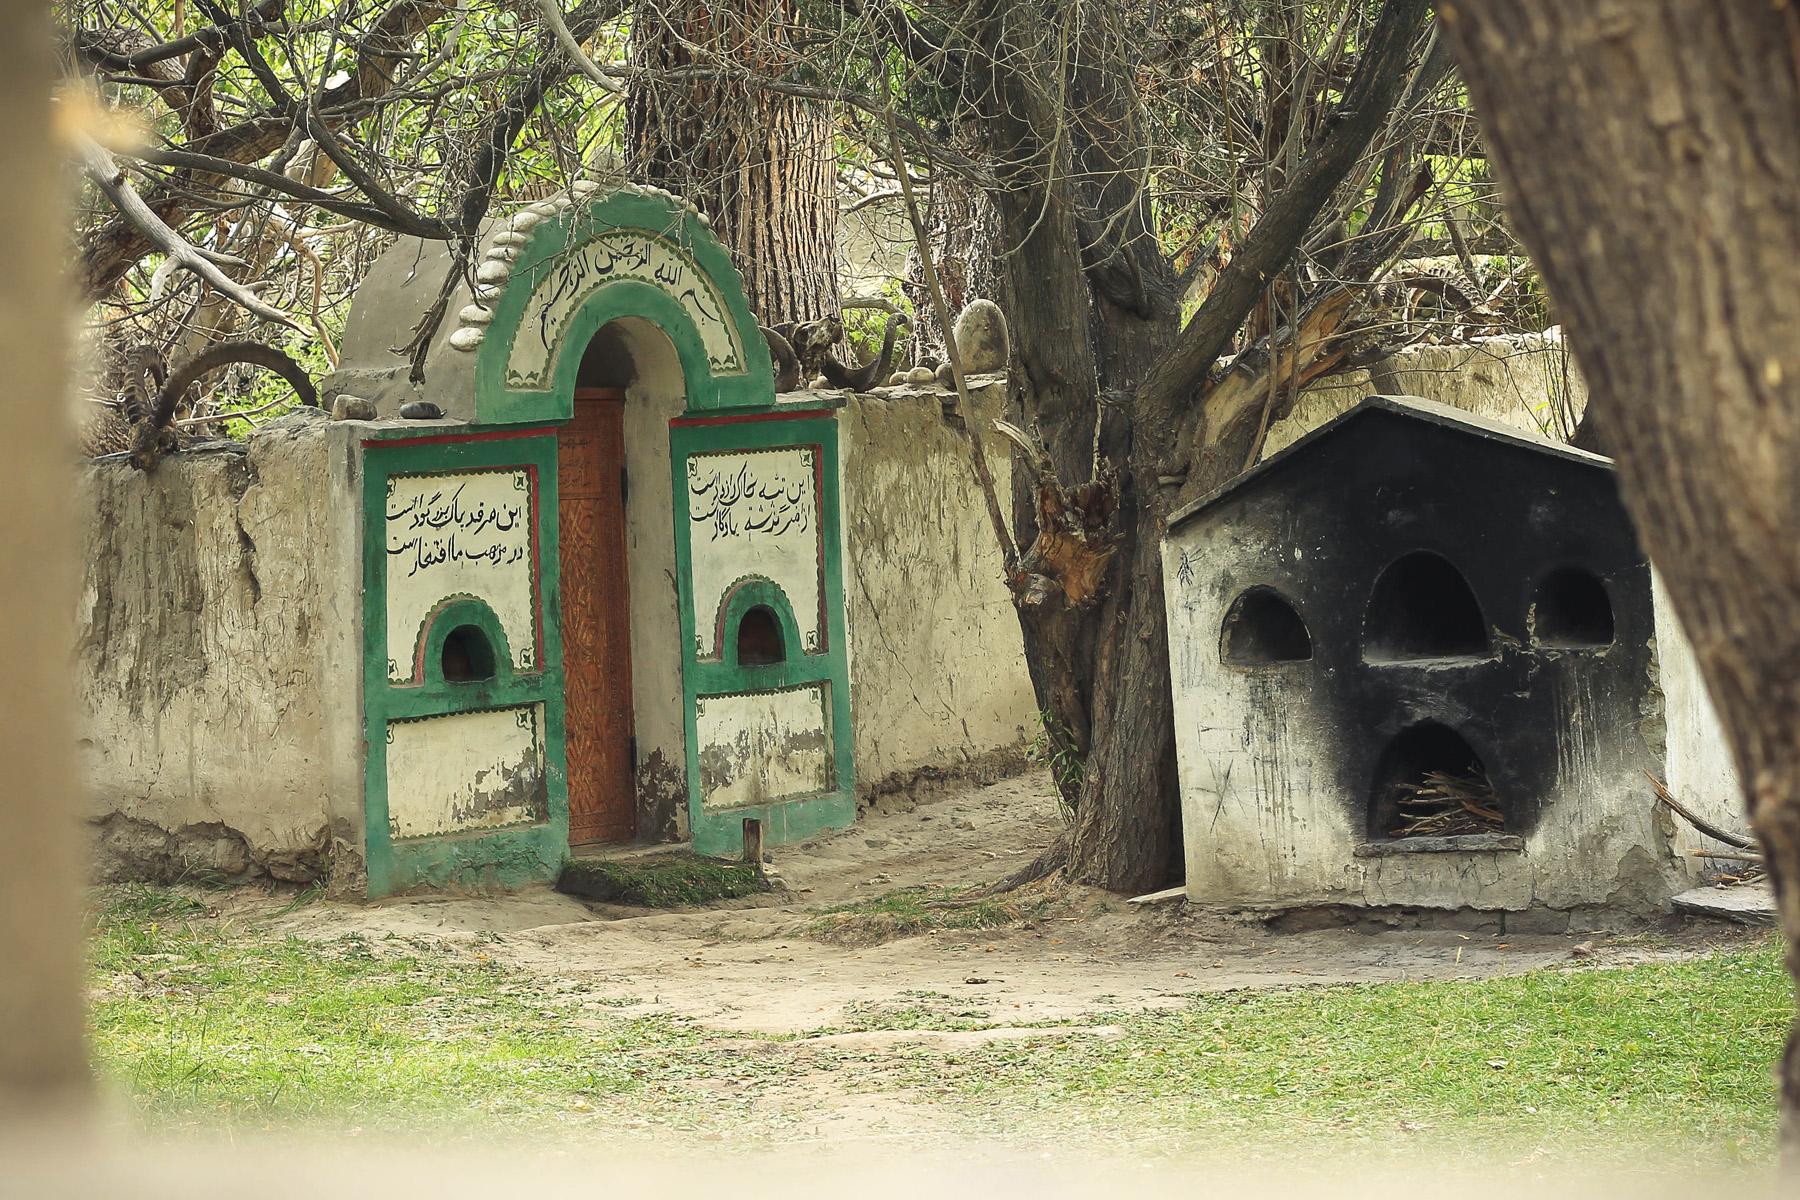 Tak wygląda otoczony murem grobowiec od środka.